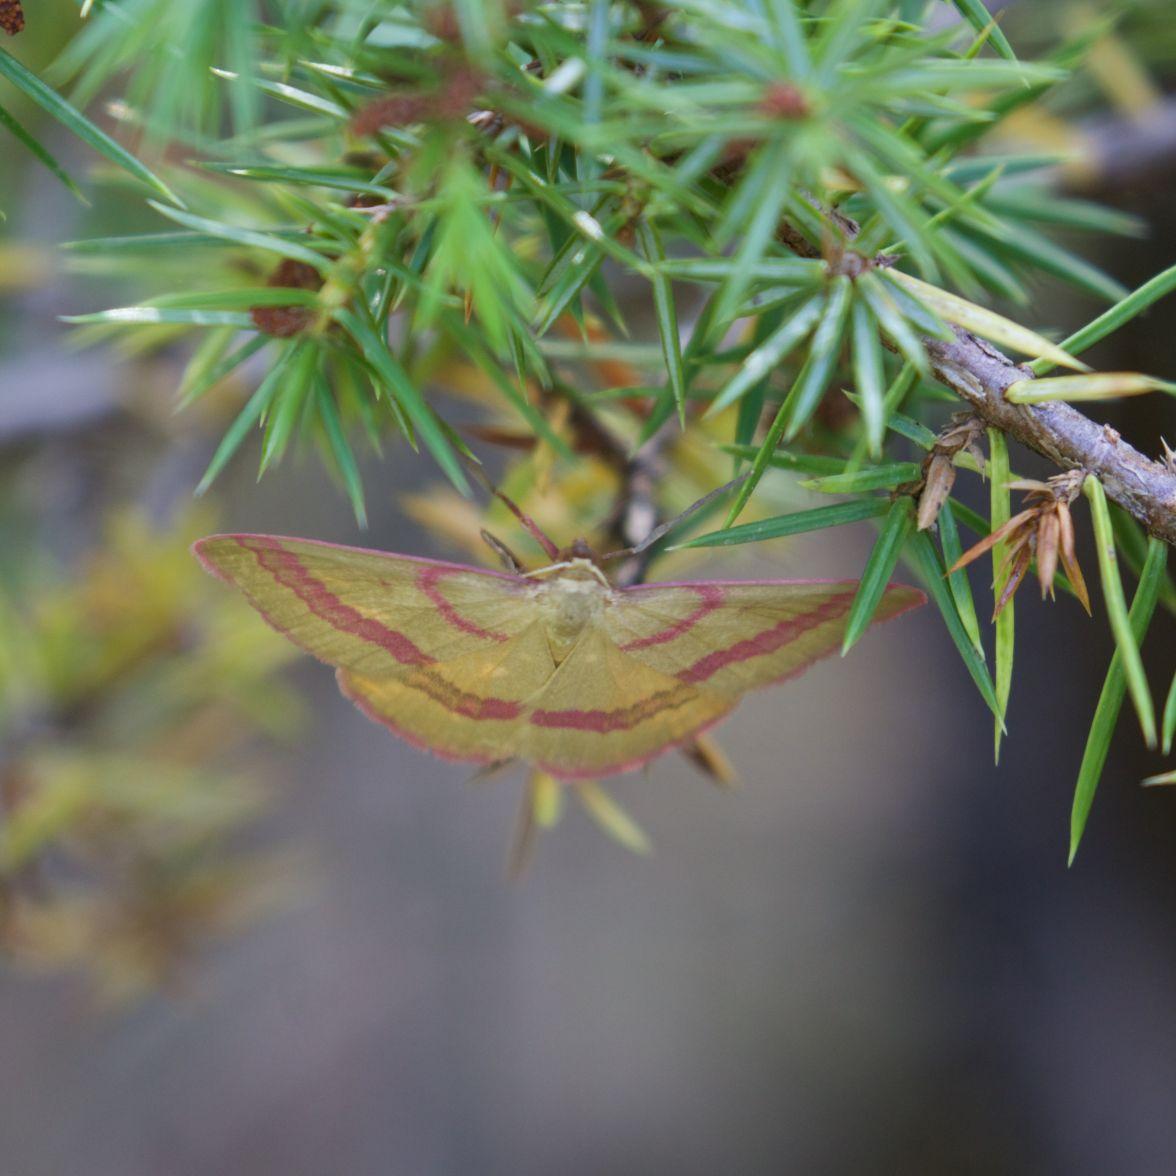 Day-flying moth on juniper